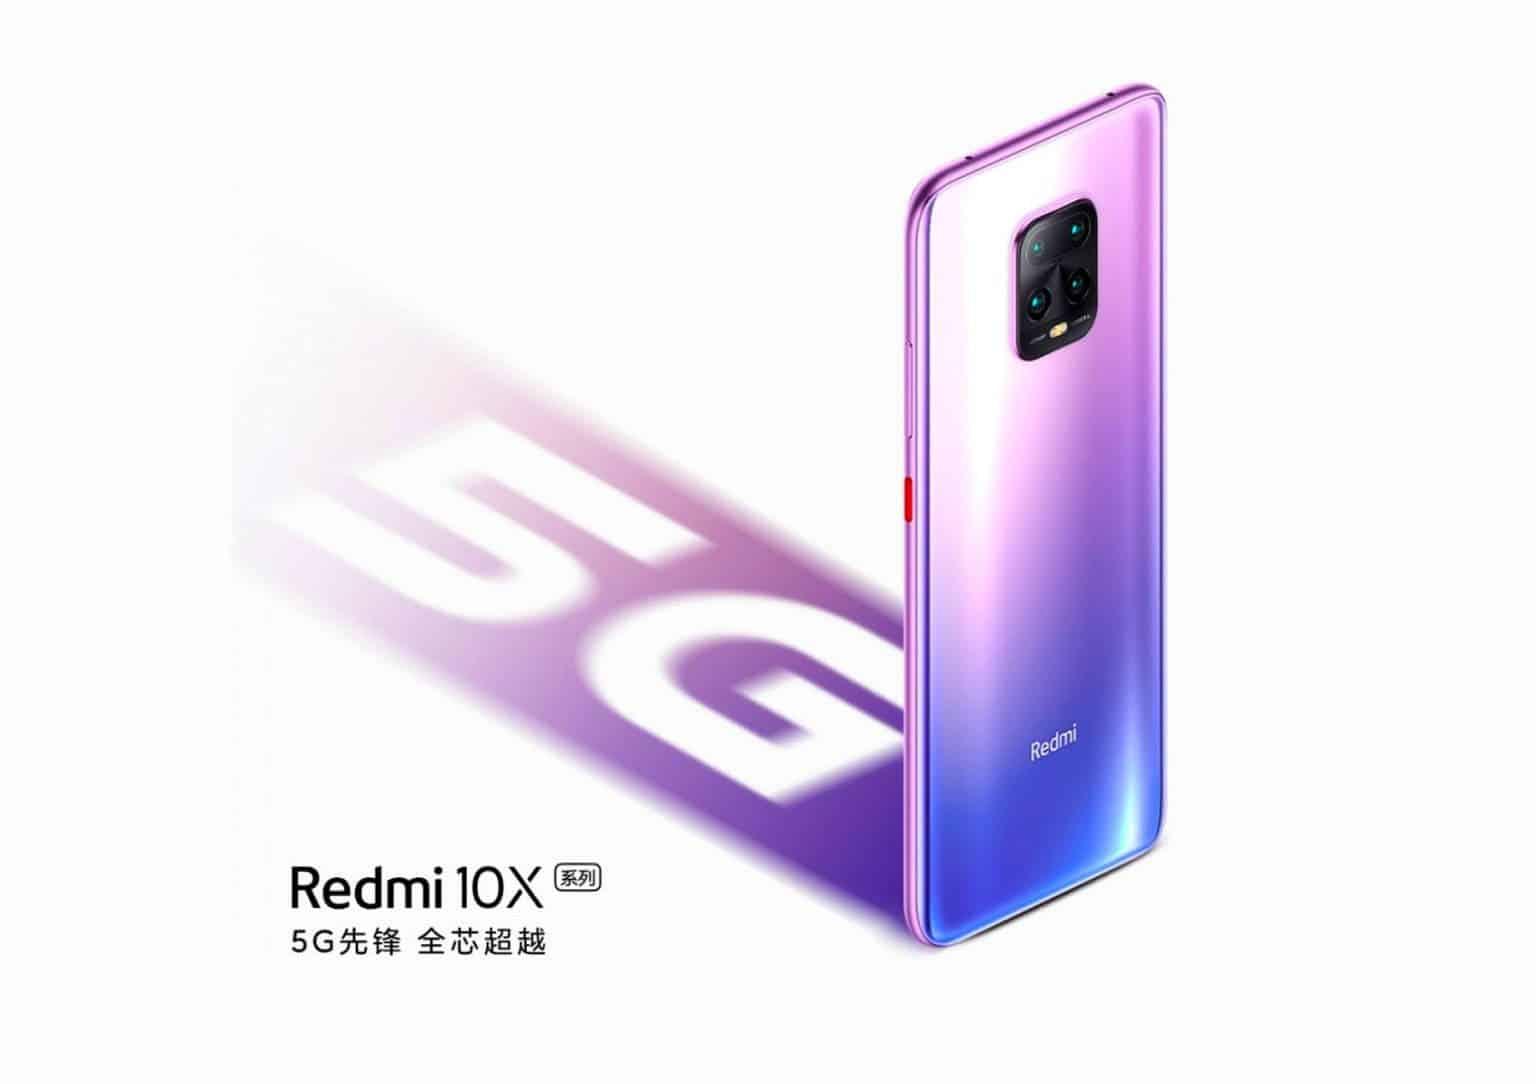 صورة ريدمي اكس 10 – Redmi X10 | أول هاتف 5G يدعم شريحتي اتصال